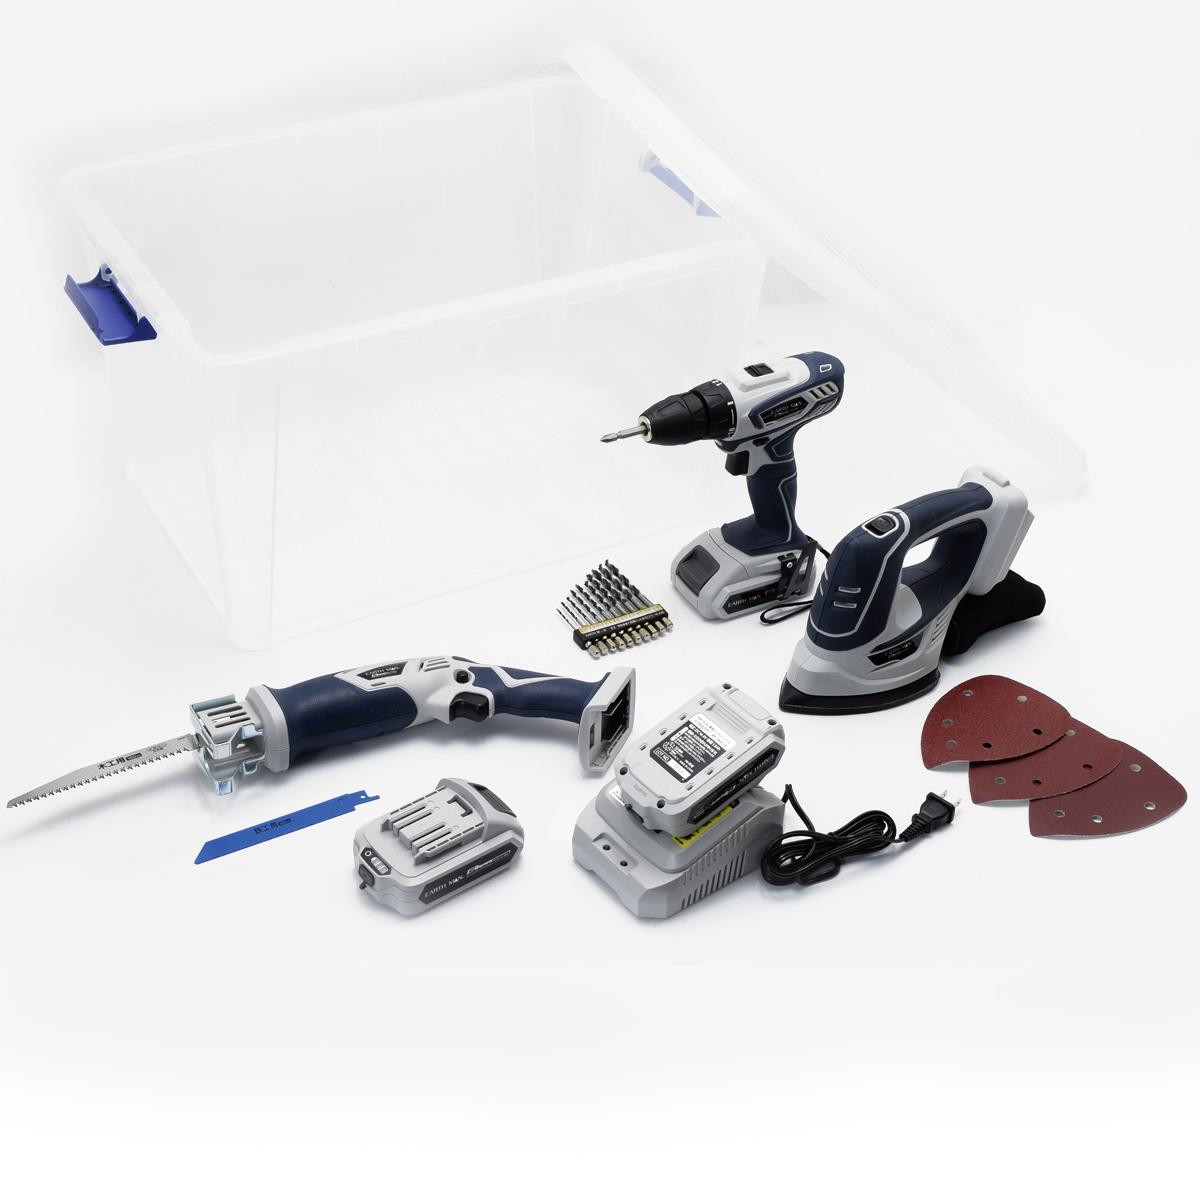 <お取り寄せ品>充電式 電動工具 3機種セット BTB-3 2型 S-Link14.4Vシリーズ 【 電動工具 セット ケース付 】